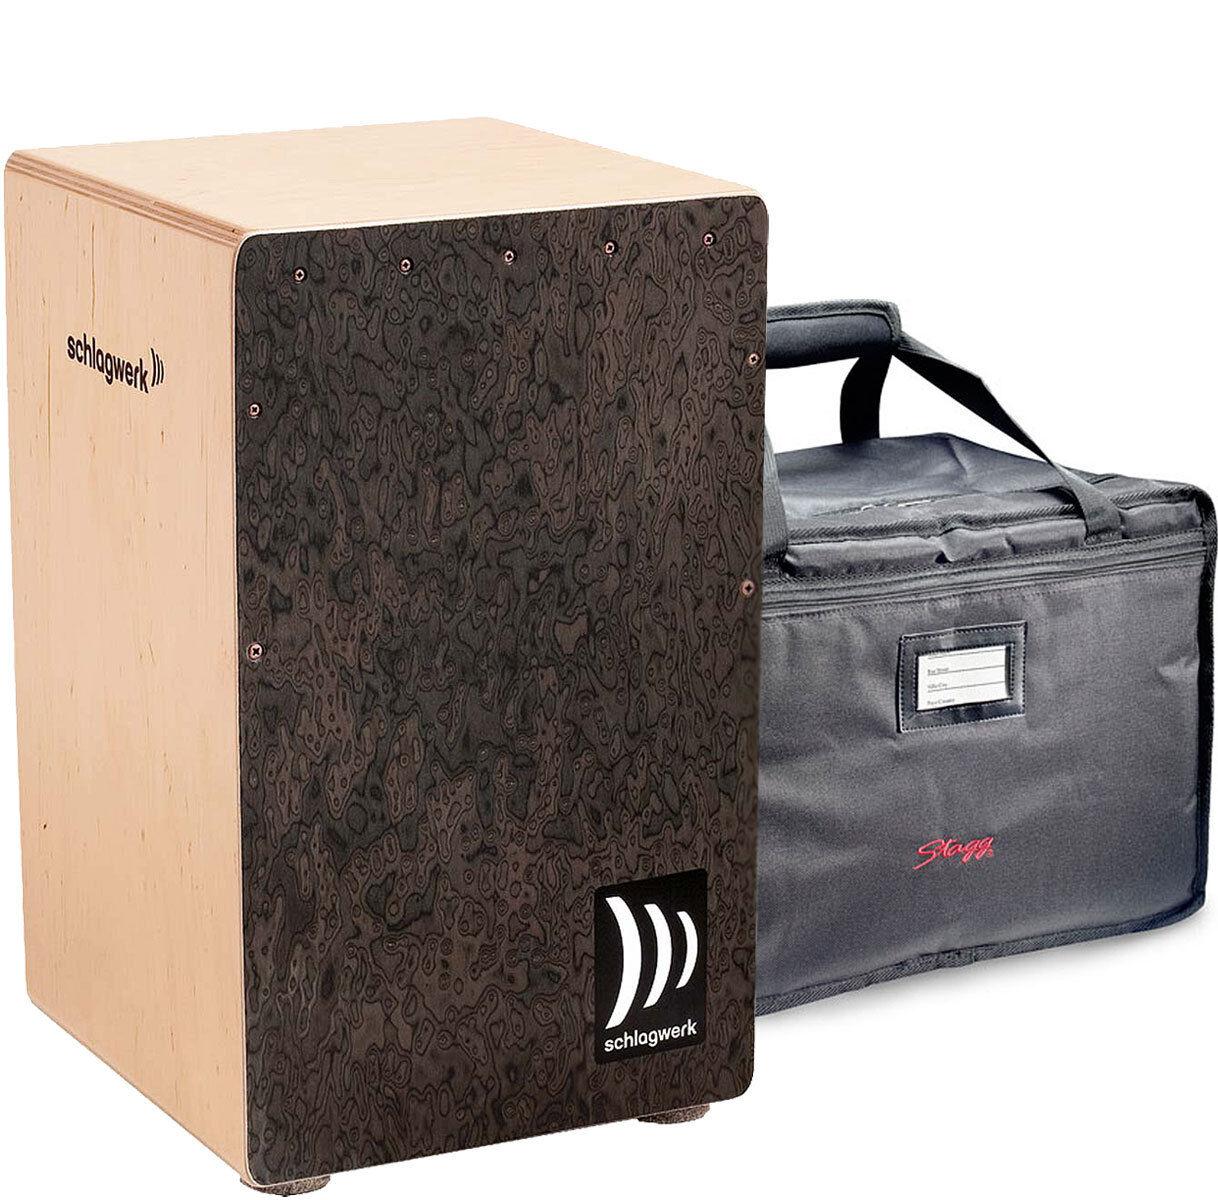 Schlagwerk CP4007 Cajon la Peru Wurzel + Deluxe Bag